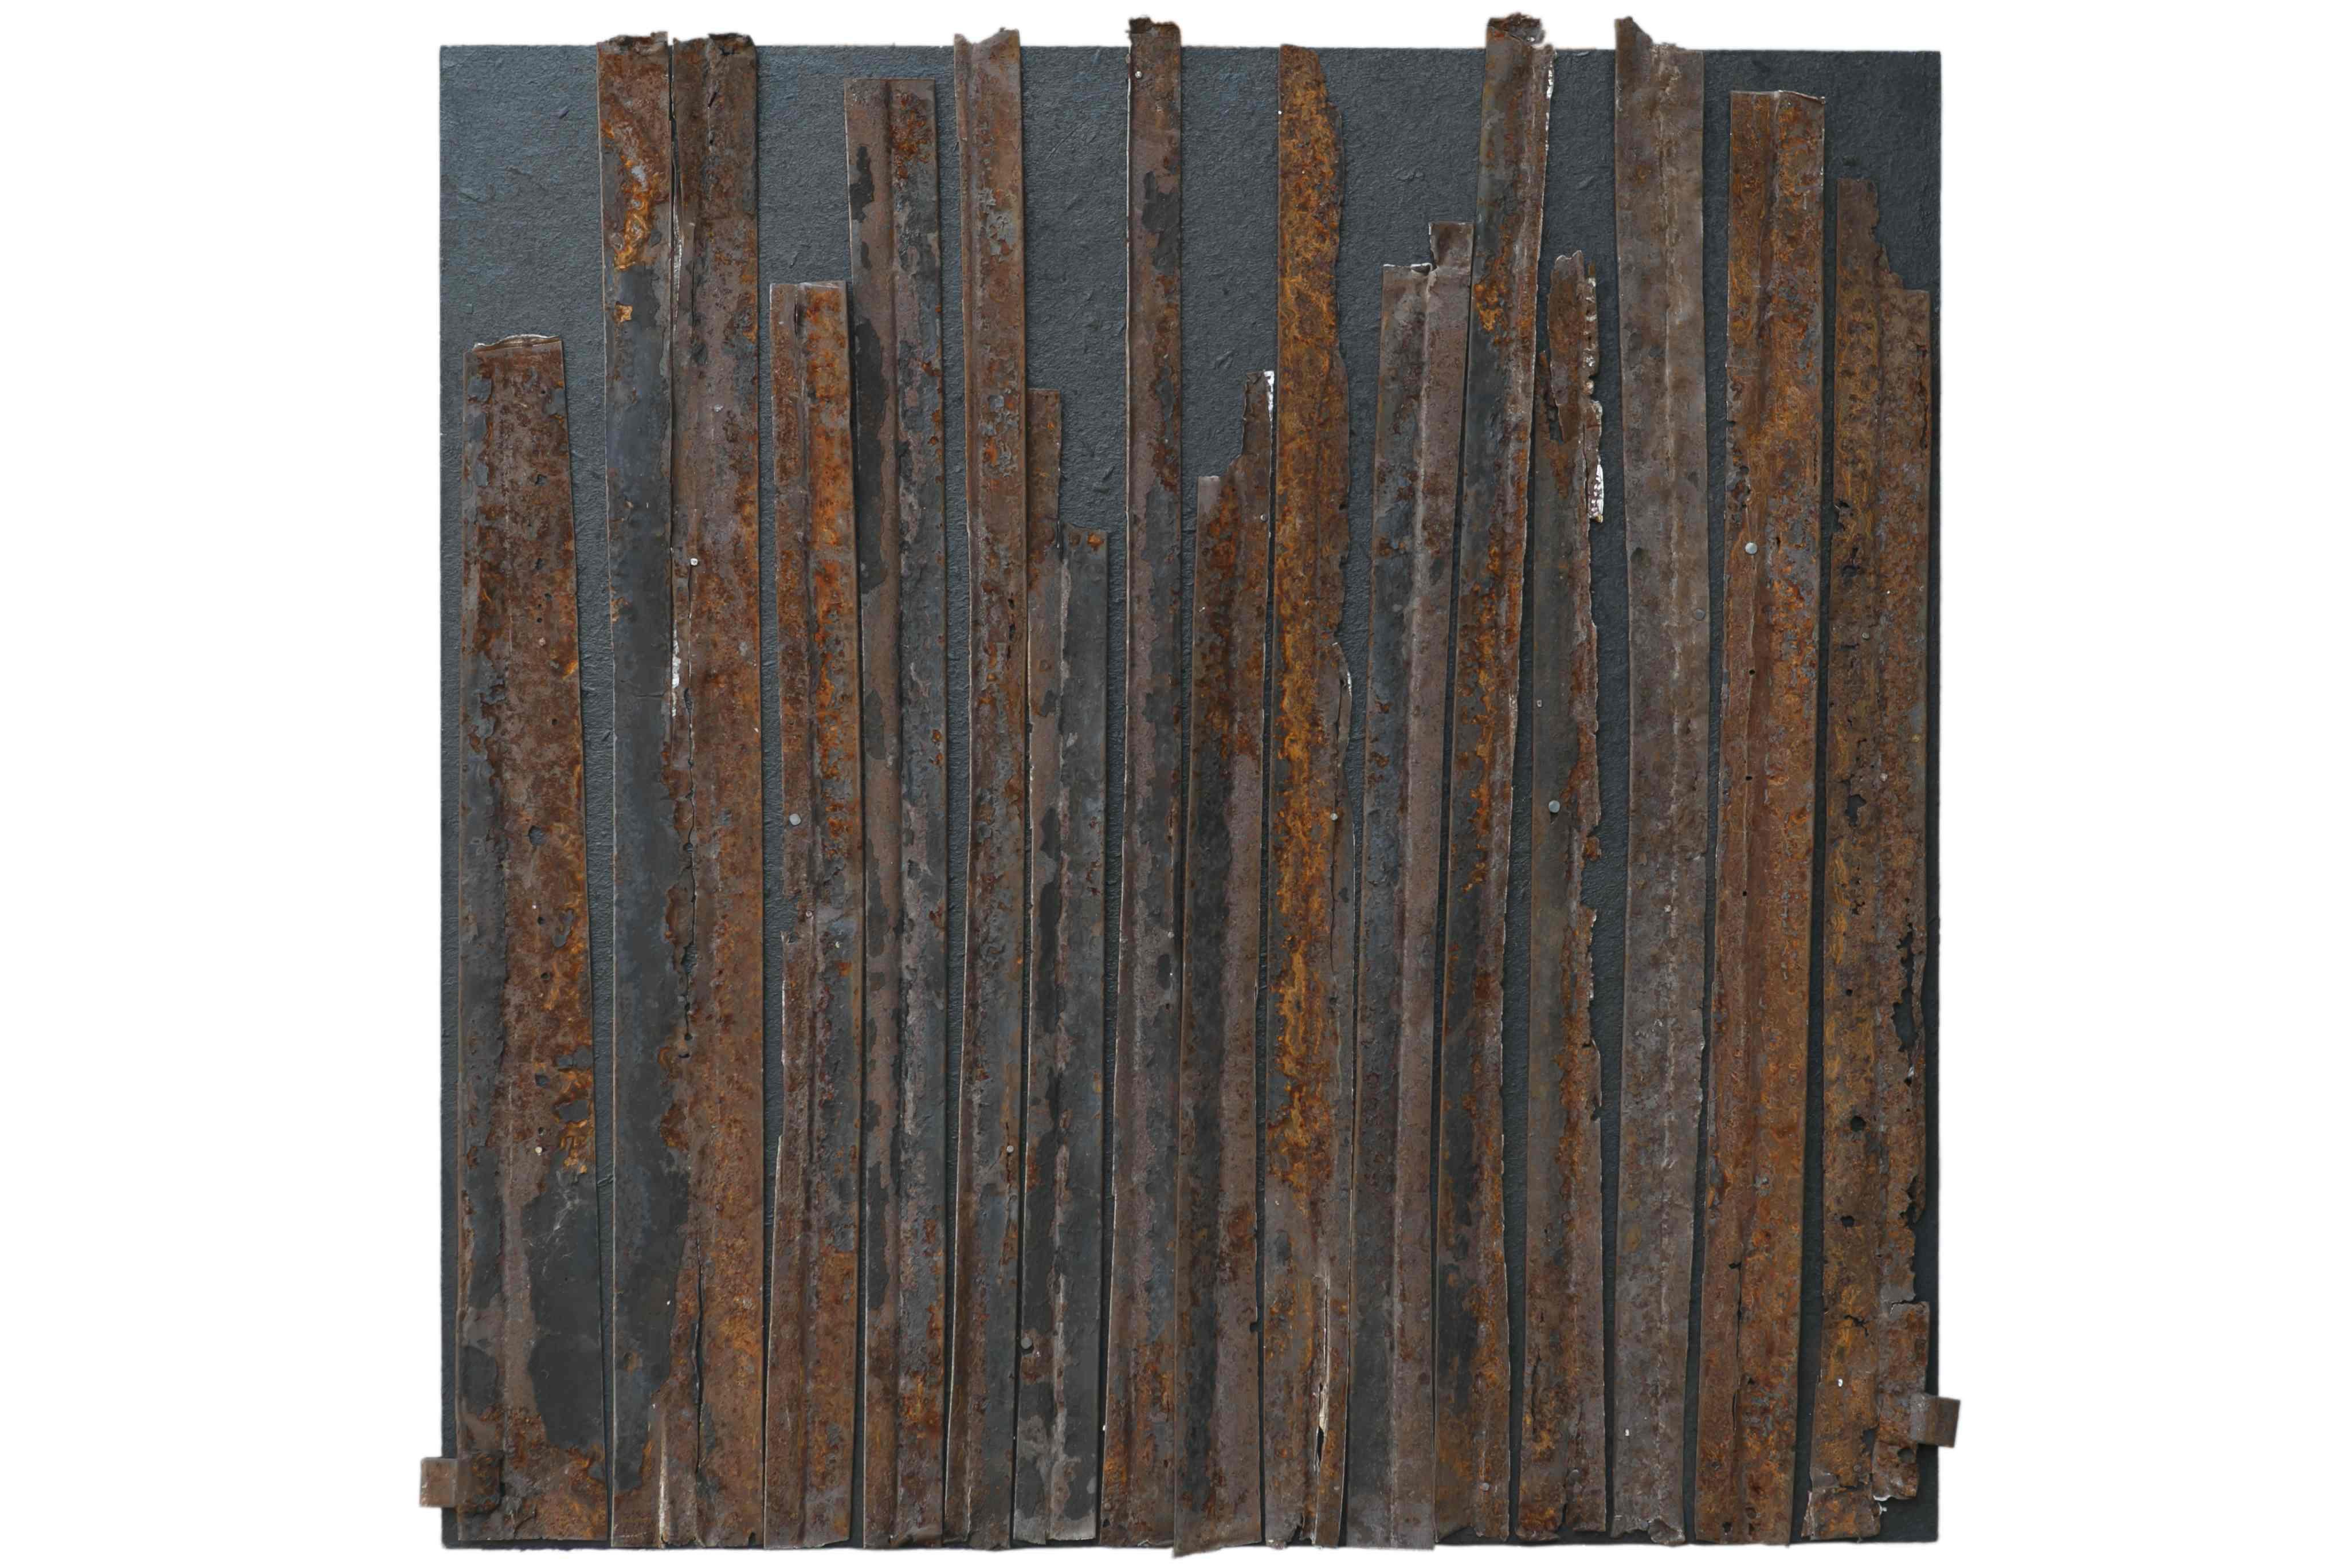 Verso l'infinito, ferro corroso su tavola, 70x70, 2006